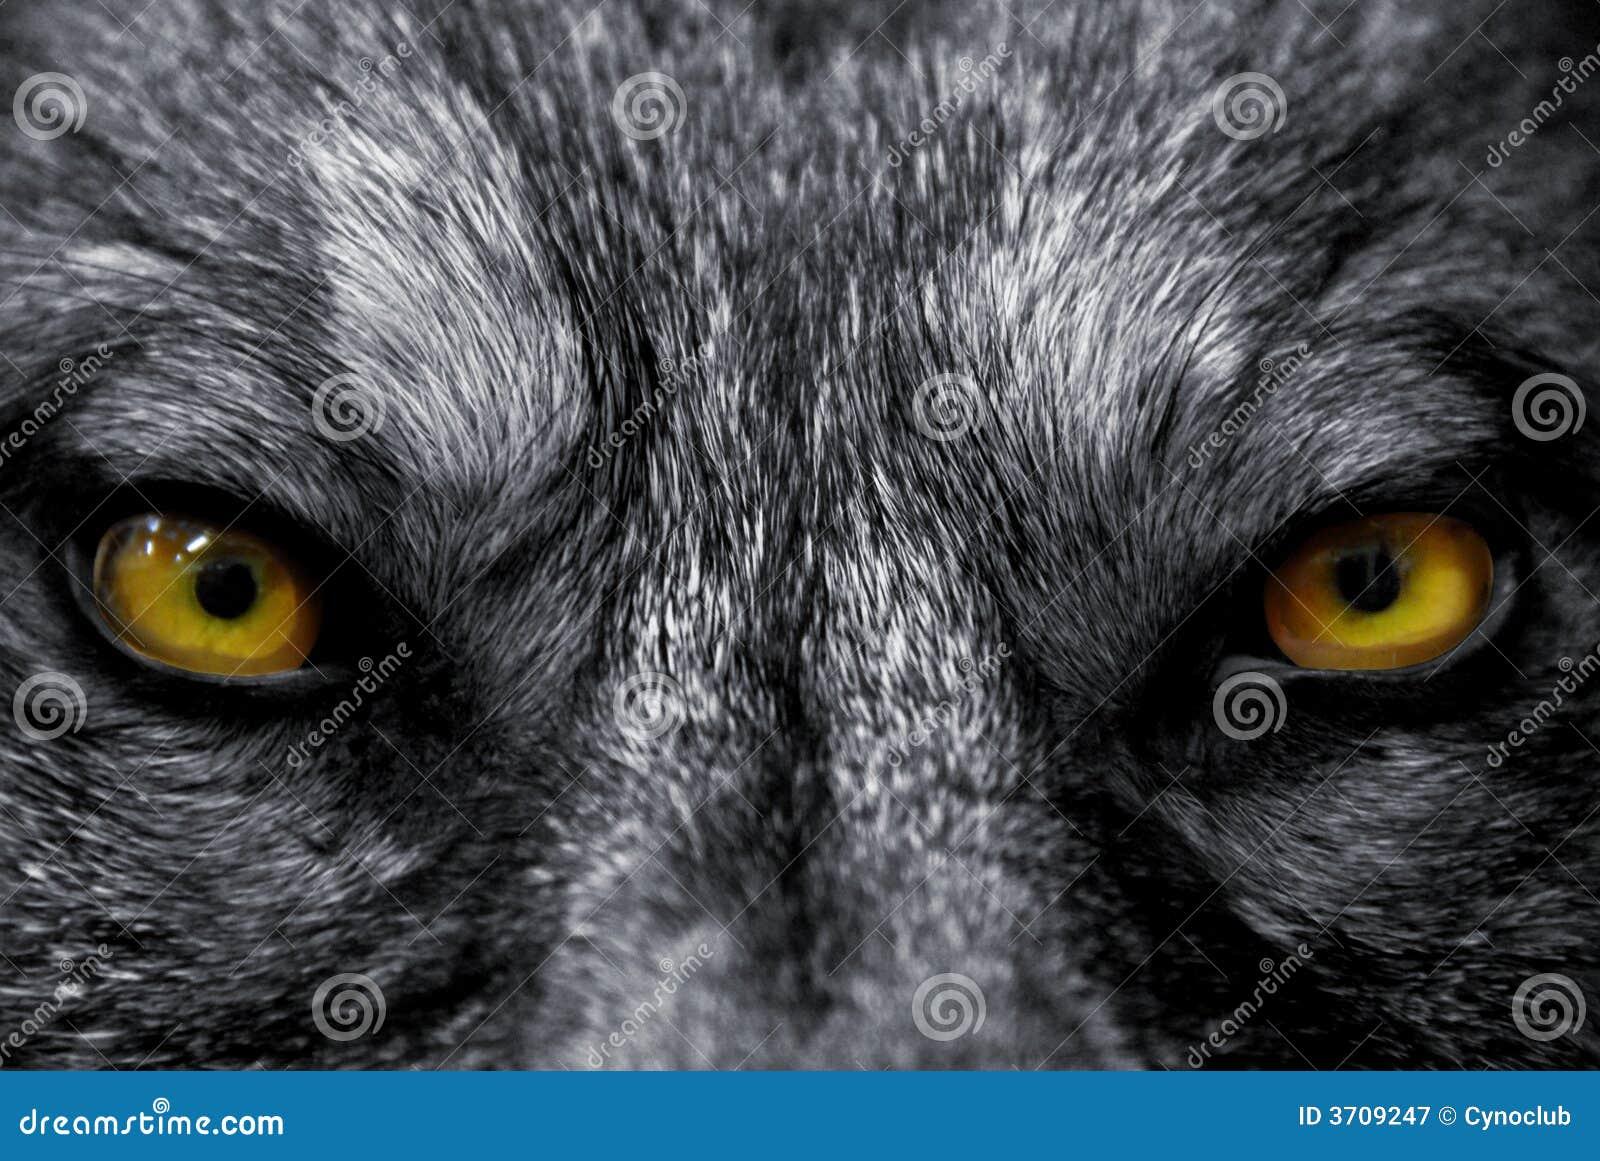 Augen des Wolfs